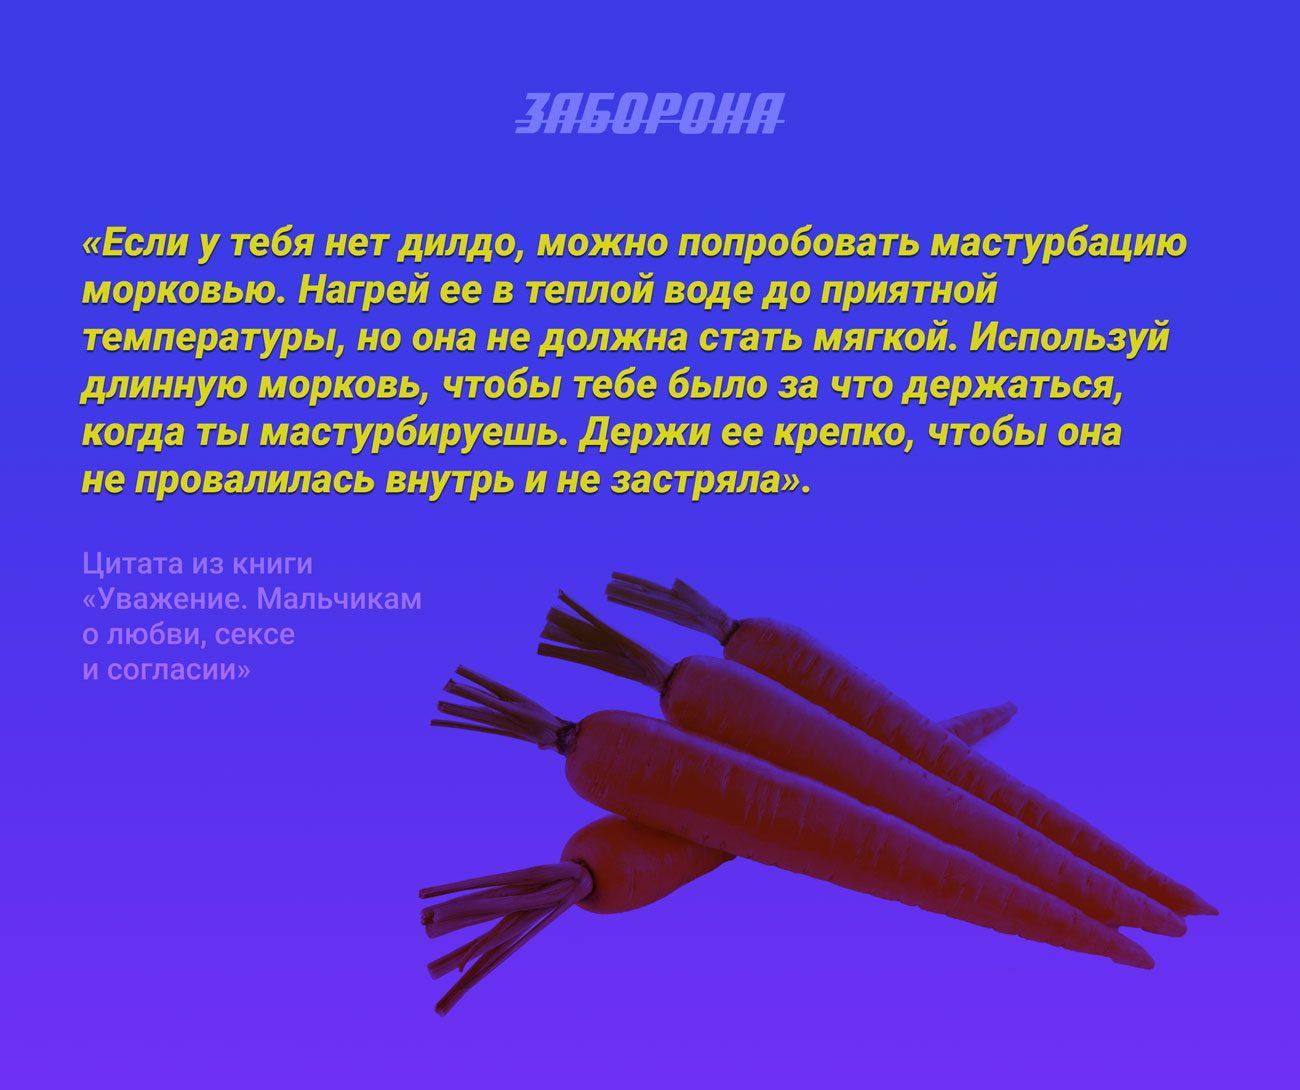 respect book quote 04 - <b>В Украине хотят издать книгу о половых отношениях для мальчиков, но без раздела об однополом сексе</b> - Заборона